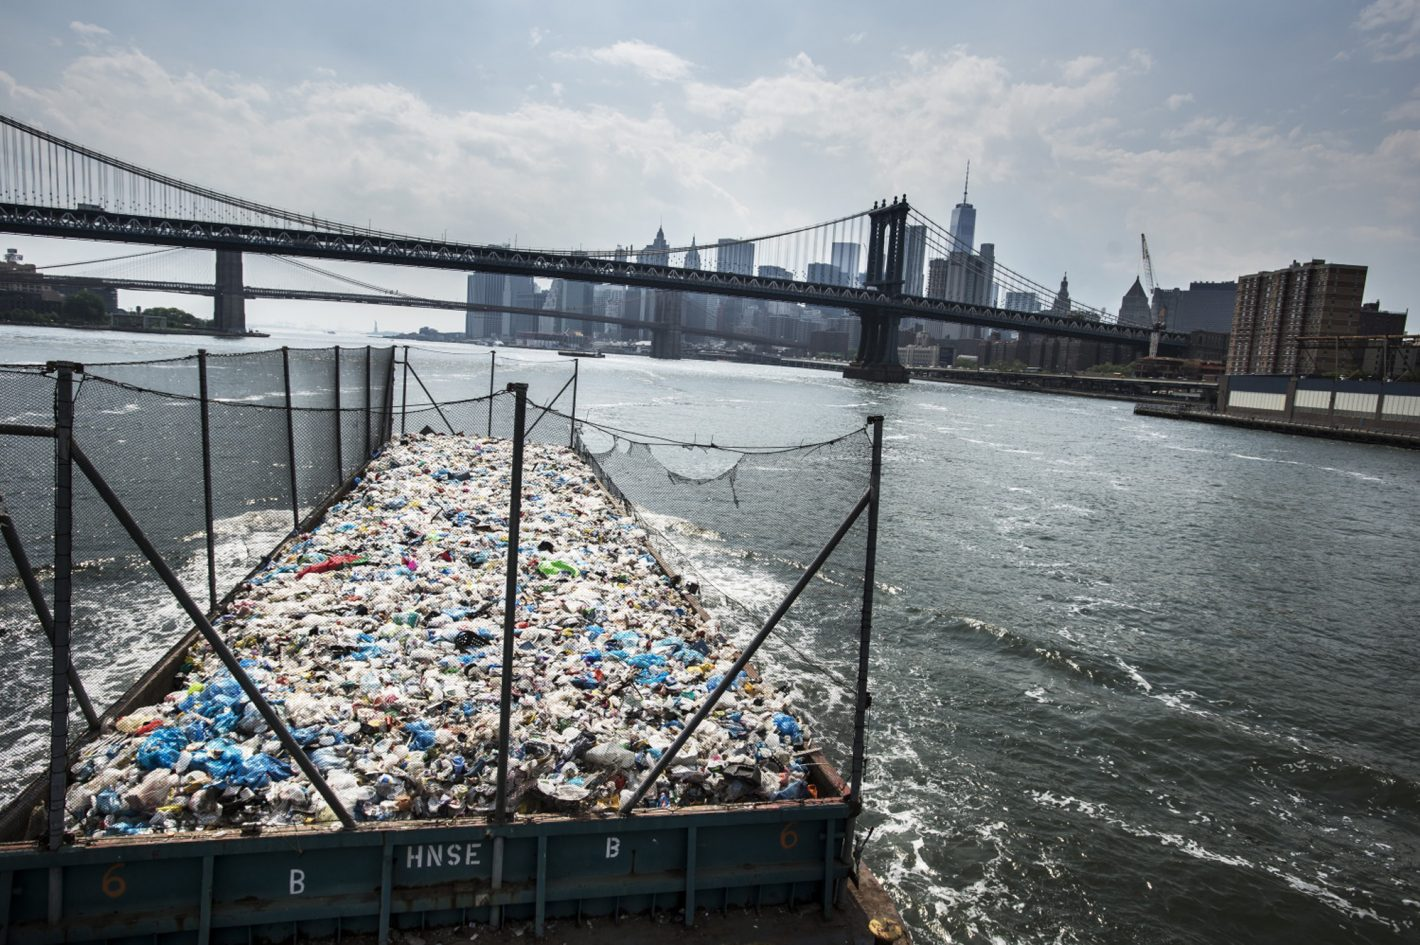 Récolte et délocalisation des déchets plastiques new yorkais vers les États voisins – photo prise avec le Nikon Df + AF-S Zoom-NIKKOR 17-35mm f/2.8D IF-ED | 1/2500 s | f/5.6 | ISO 160 | © Kadir van Lohuizen